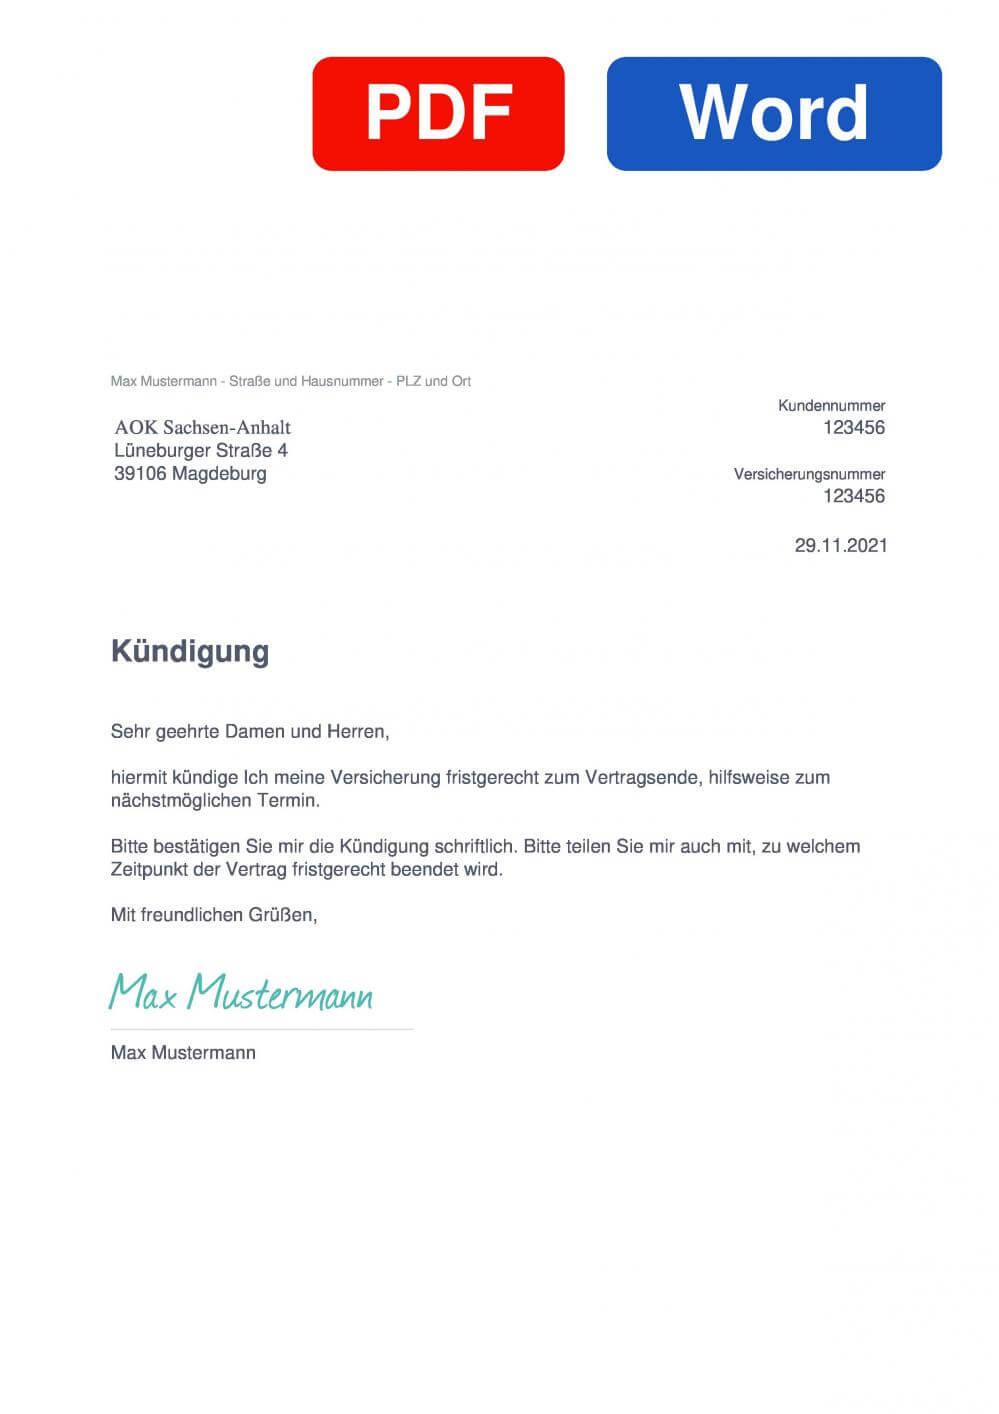 AOK Sachsen-Anhalt Muster Vorlage für Kündigungsschreiben